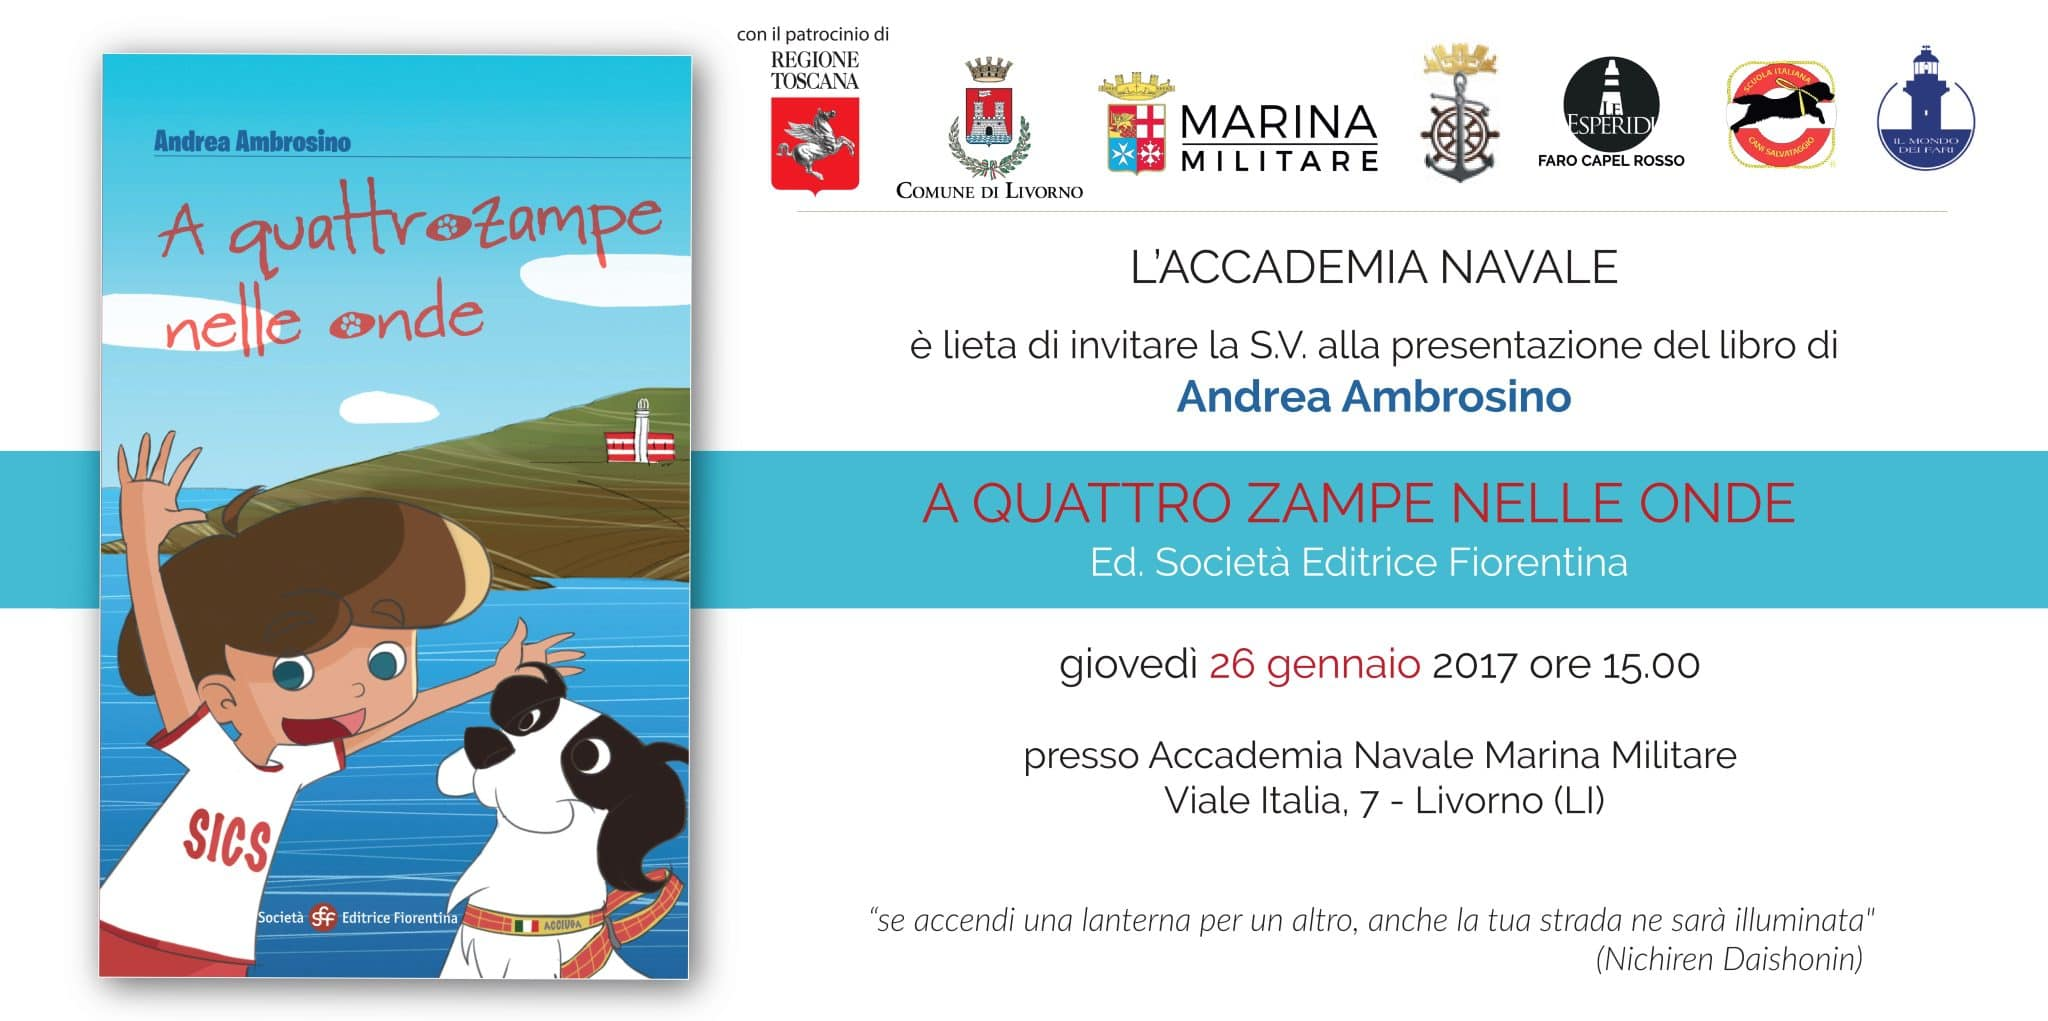 Photo of Accademia Navale Militare di Livorno e SICS presentano il libro 'A quattro zampe nelle onde'